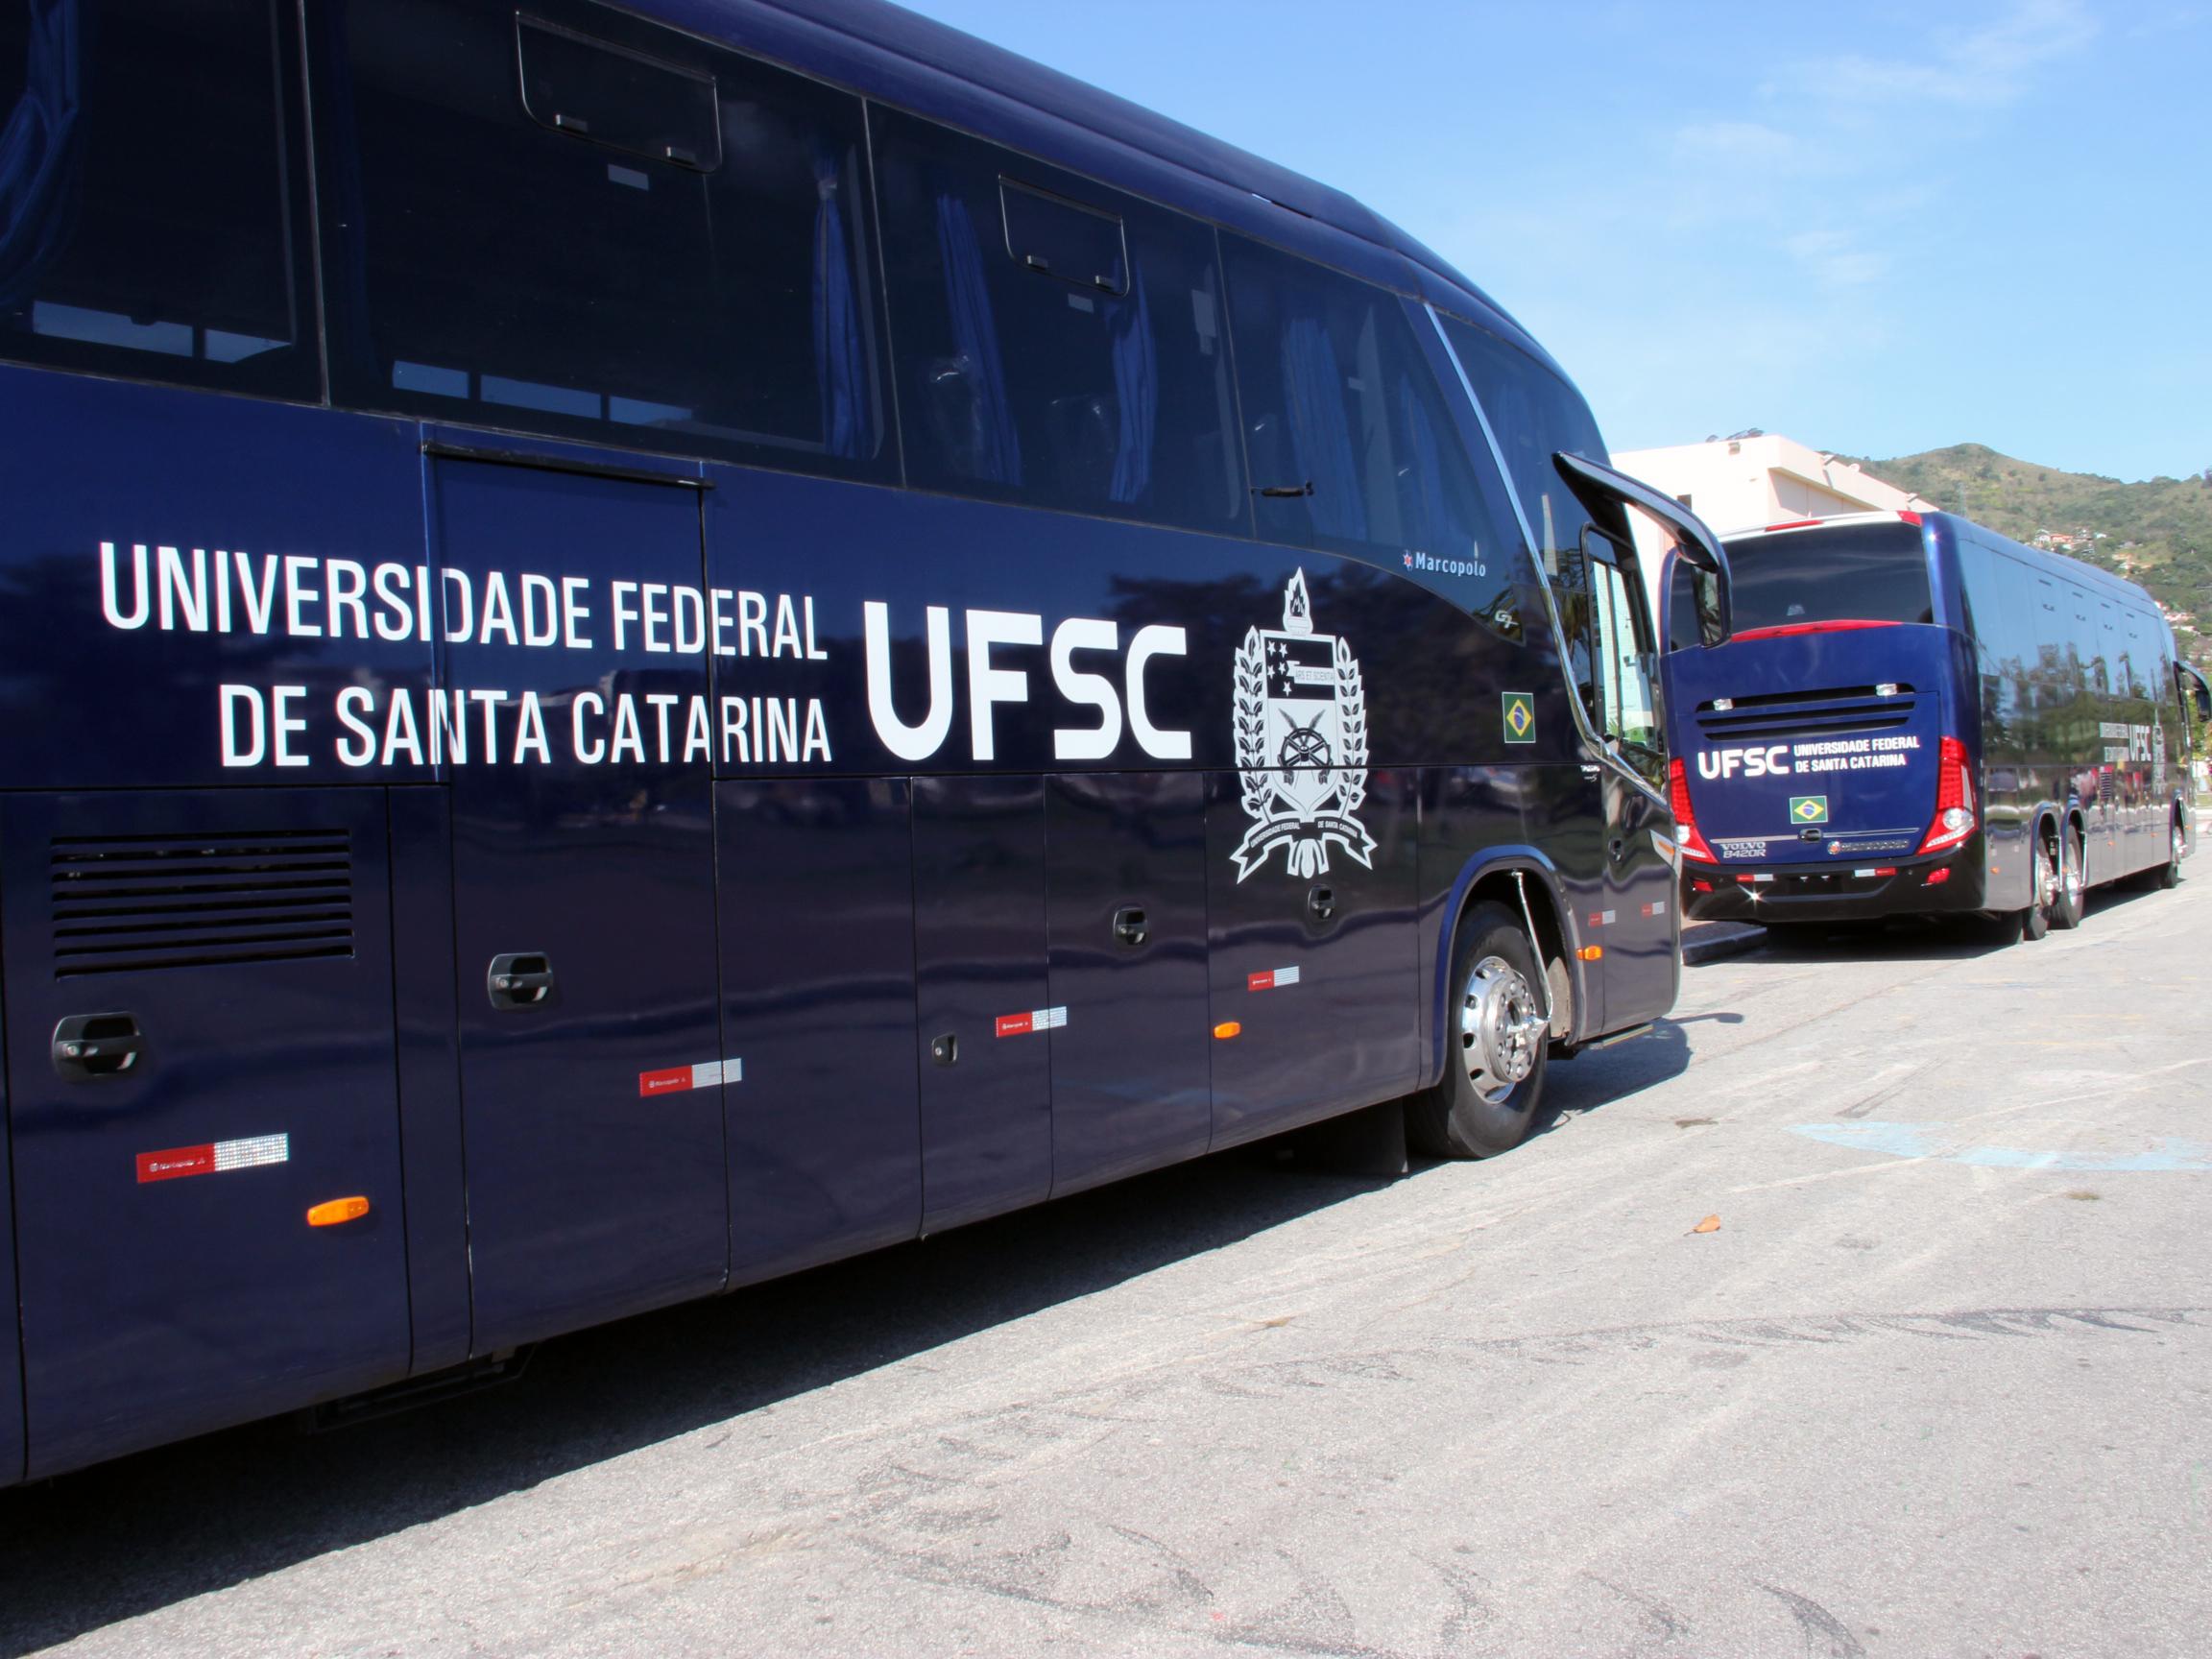 Onibus UFSC